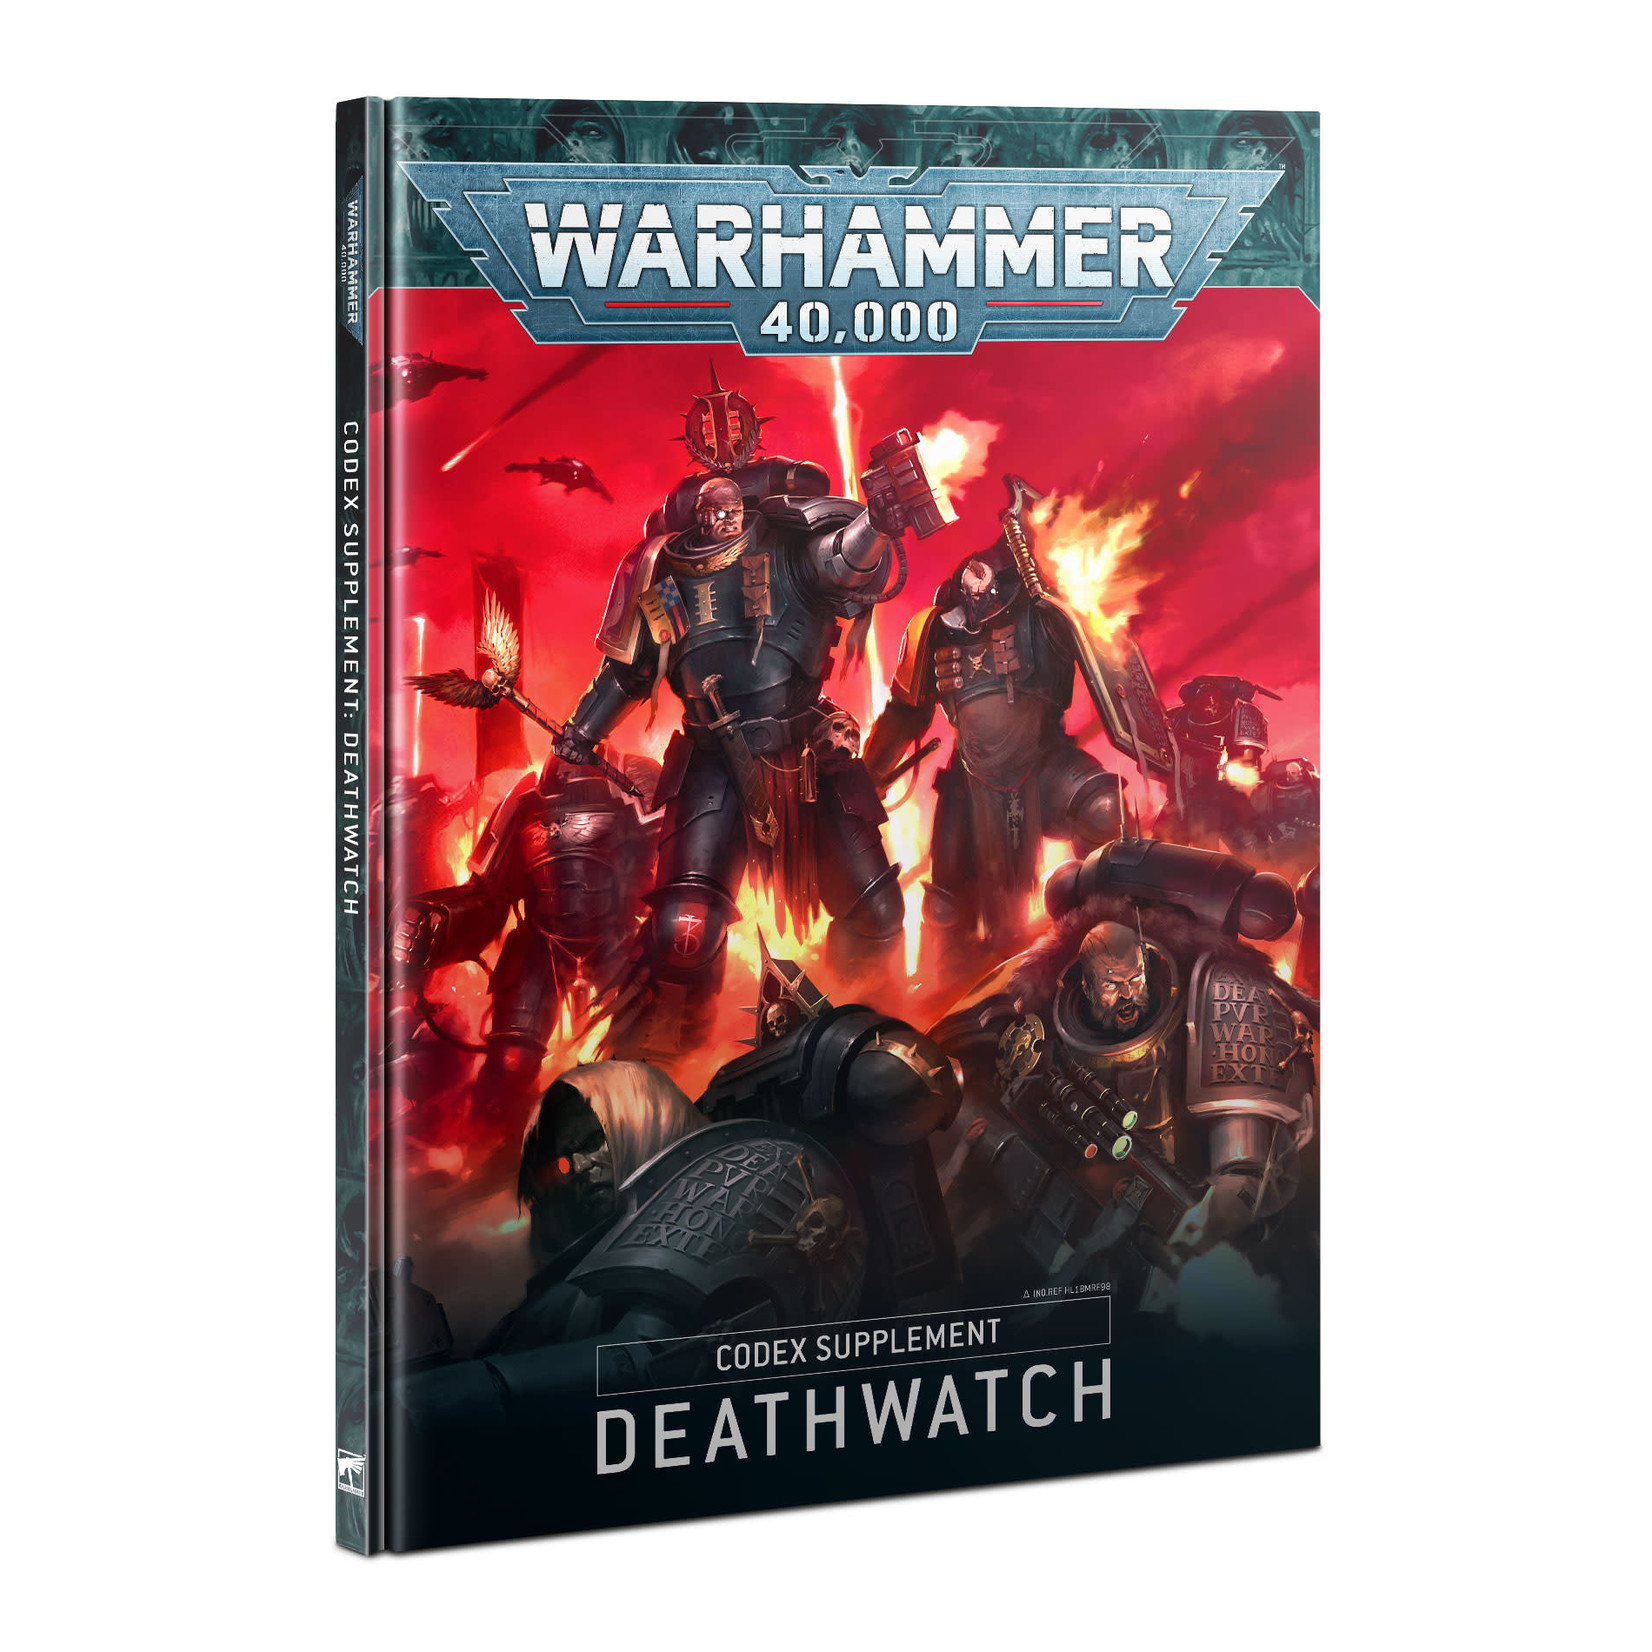 Games Workshop Warhammer 40k: Deathwatch - Codex Supplement